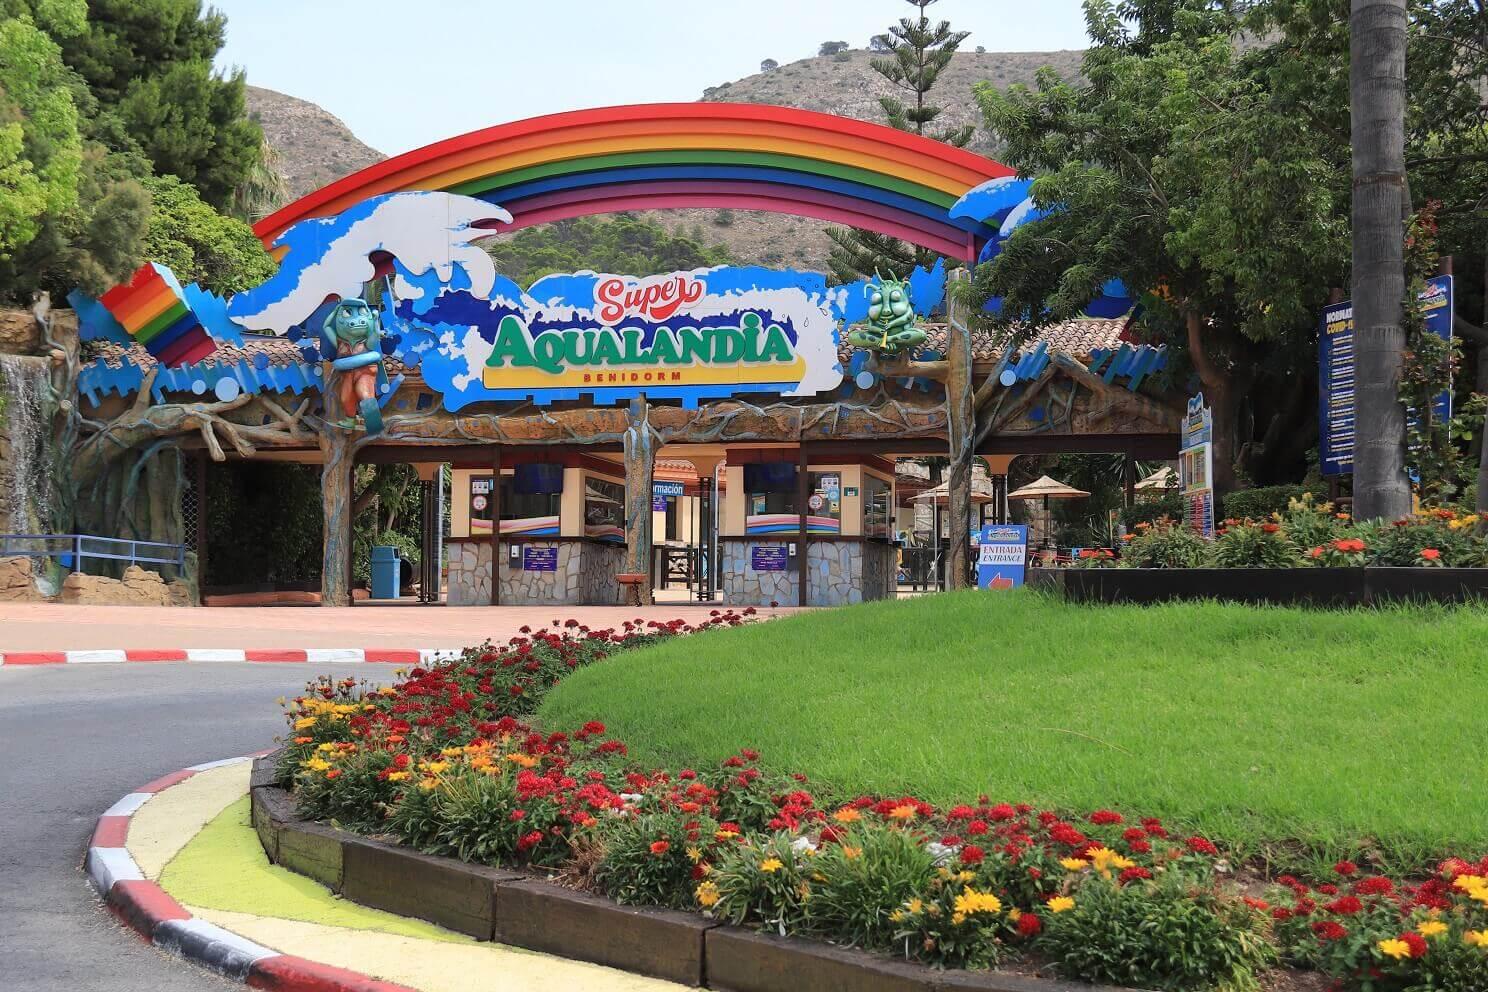 NOTA DE PRENSA | Aqualandia abre sus puertas el próximo 3 de julio